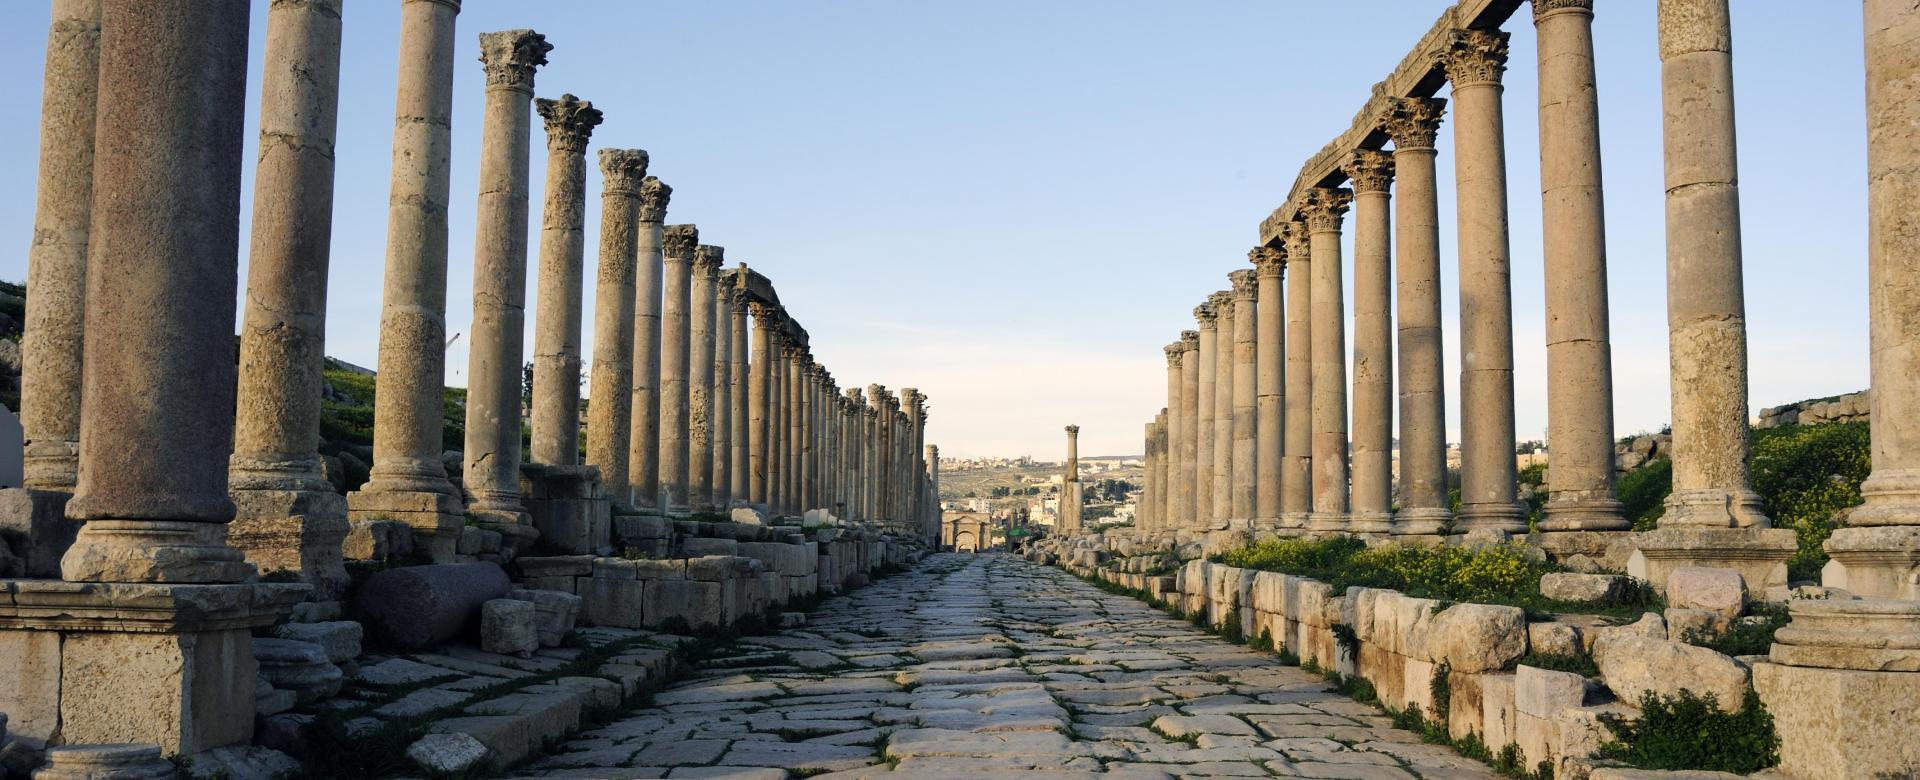 Voyage à pied : Au royaume hachémite